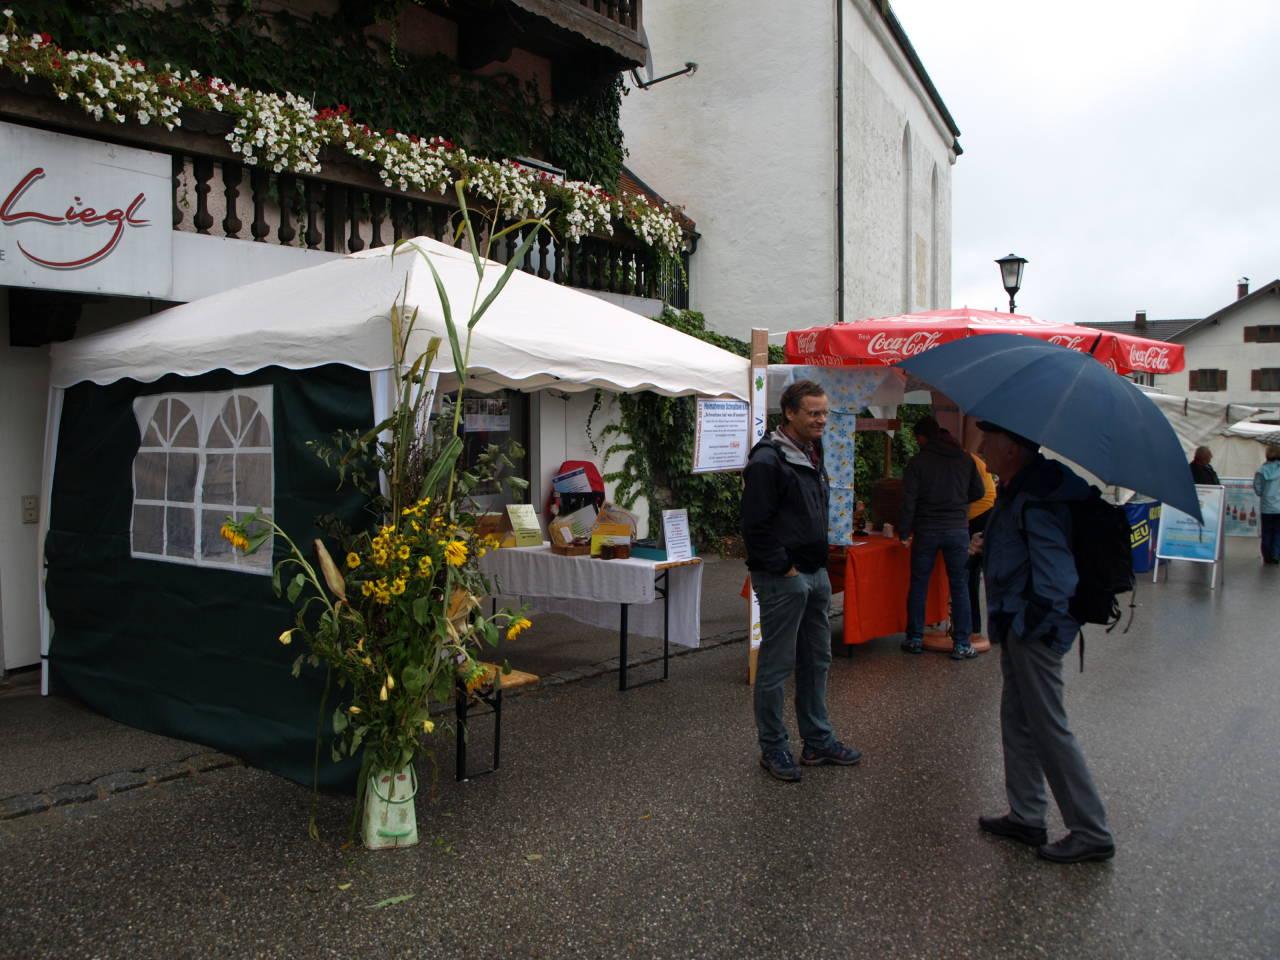 Der Regen hielt die Marktgäste nicht ab